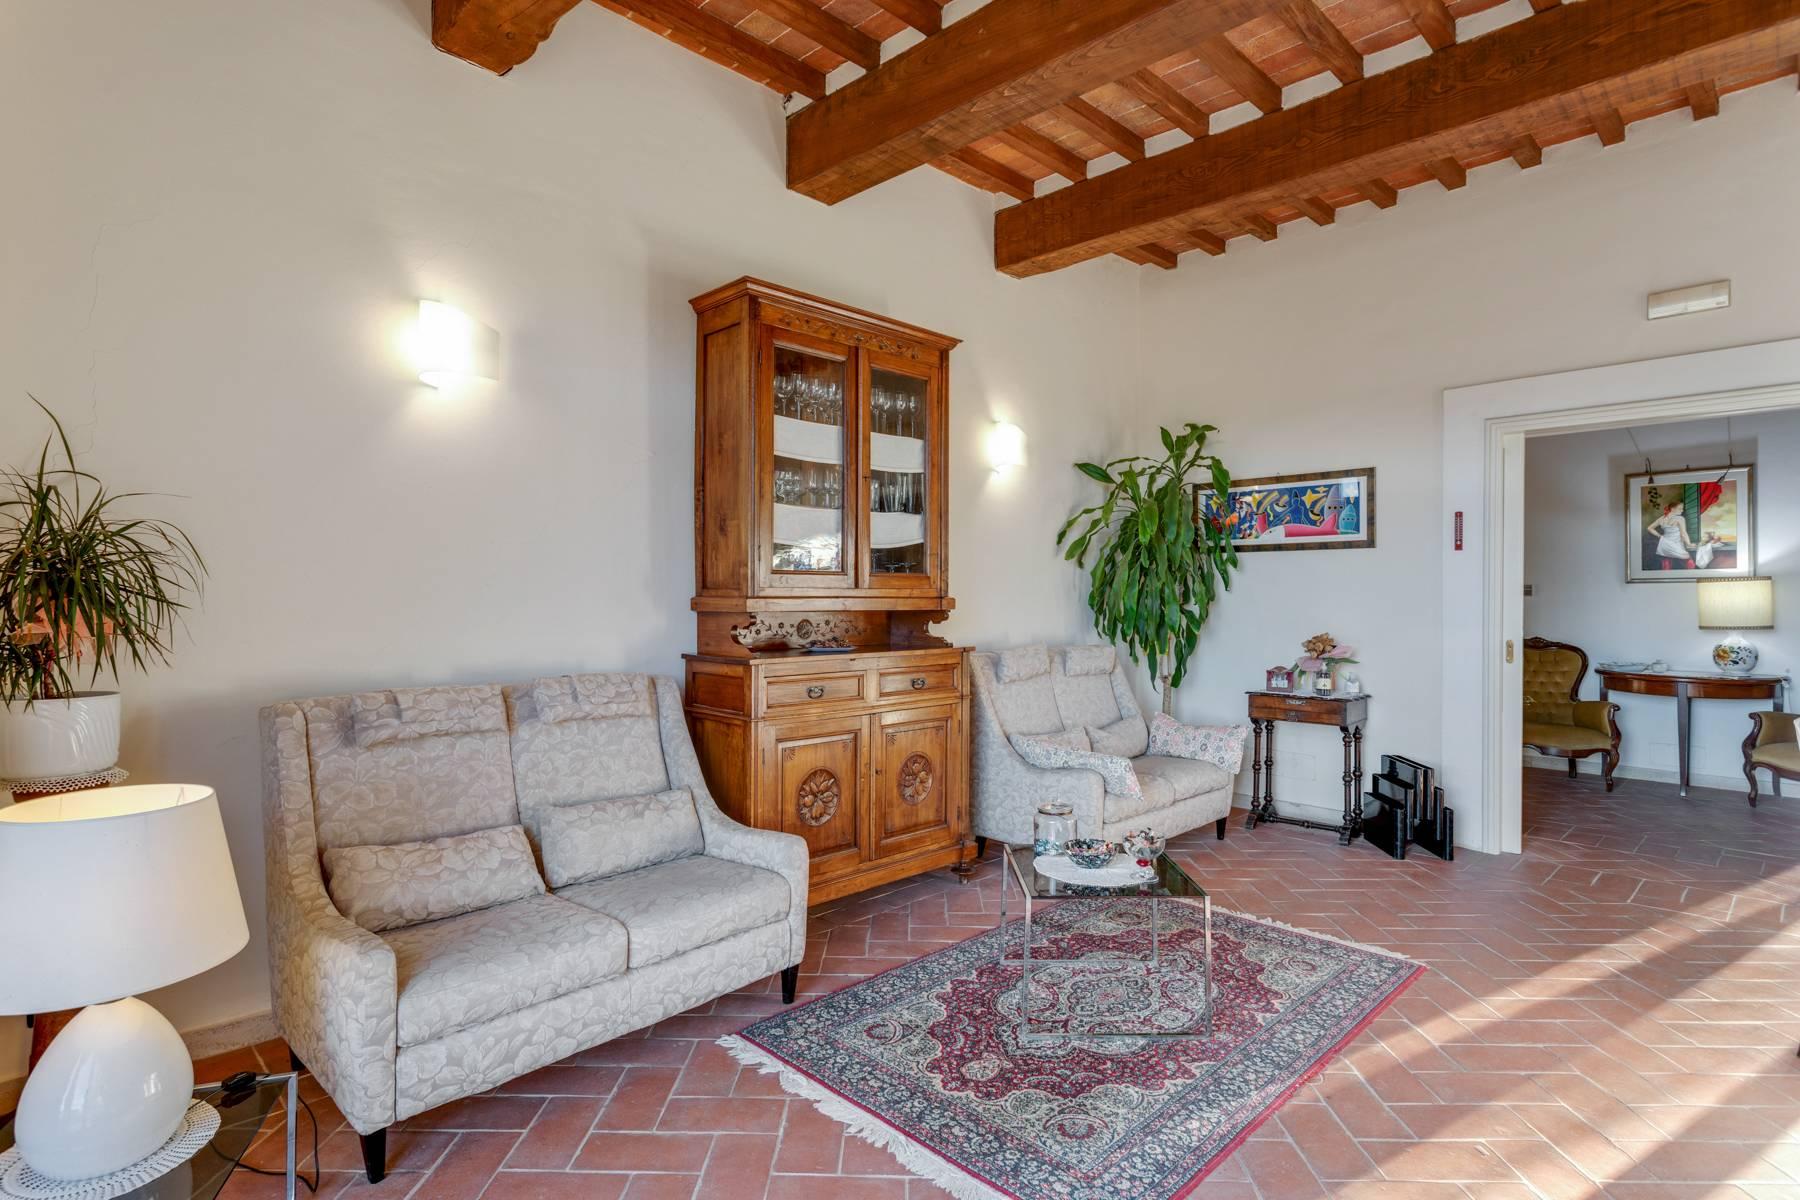 Rustico in Vendita a Montepulciano: 5 locali, 561 mq - Foto 14